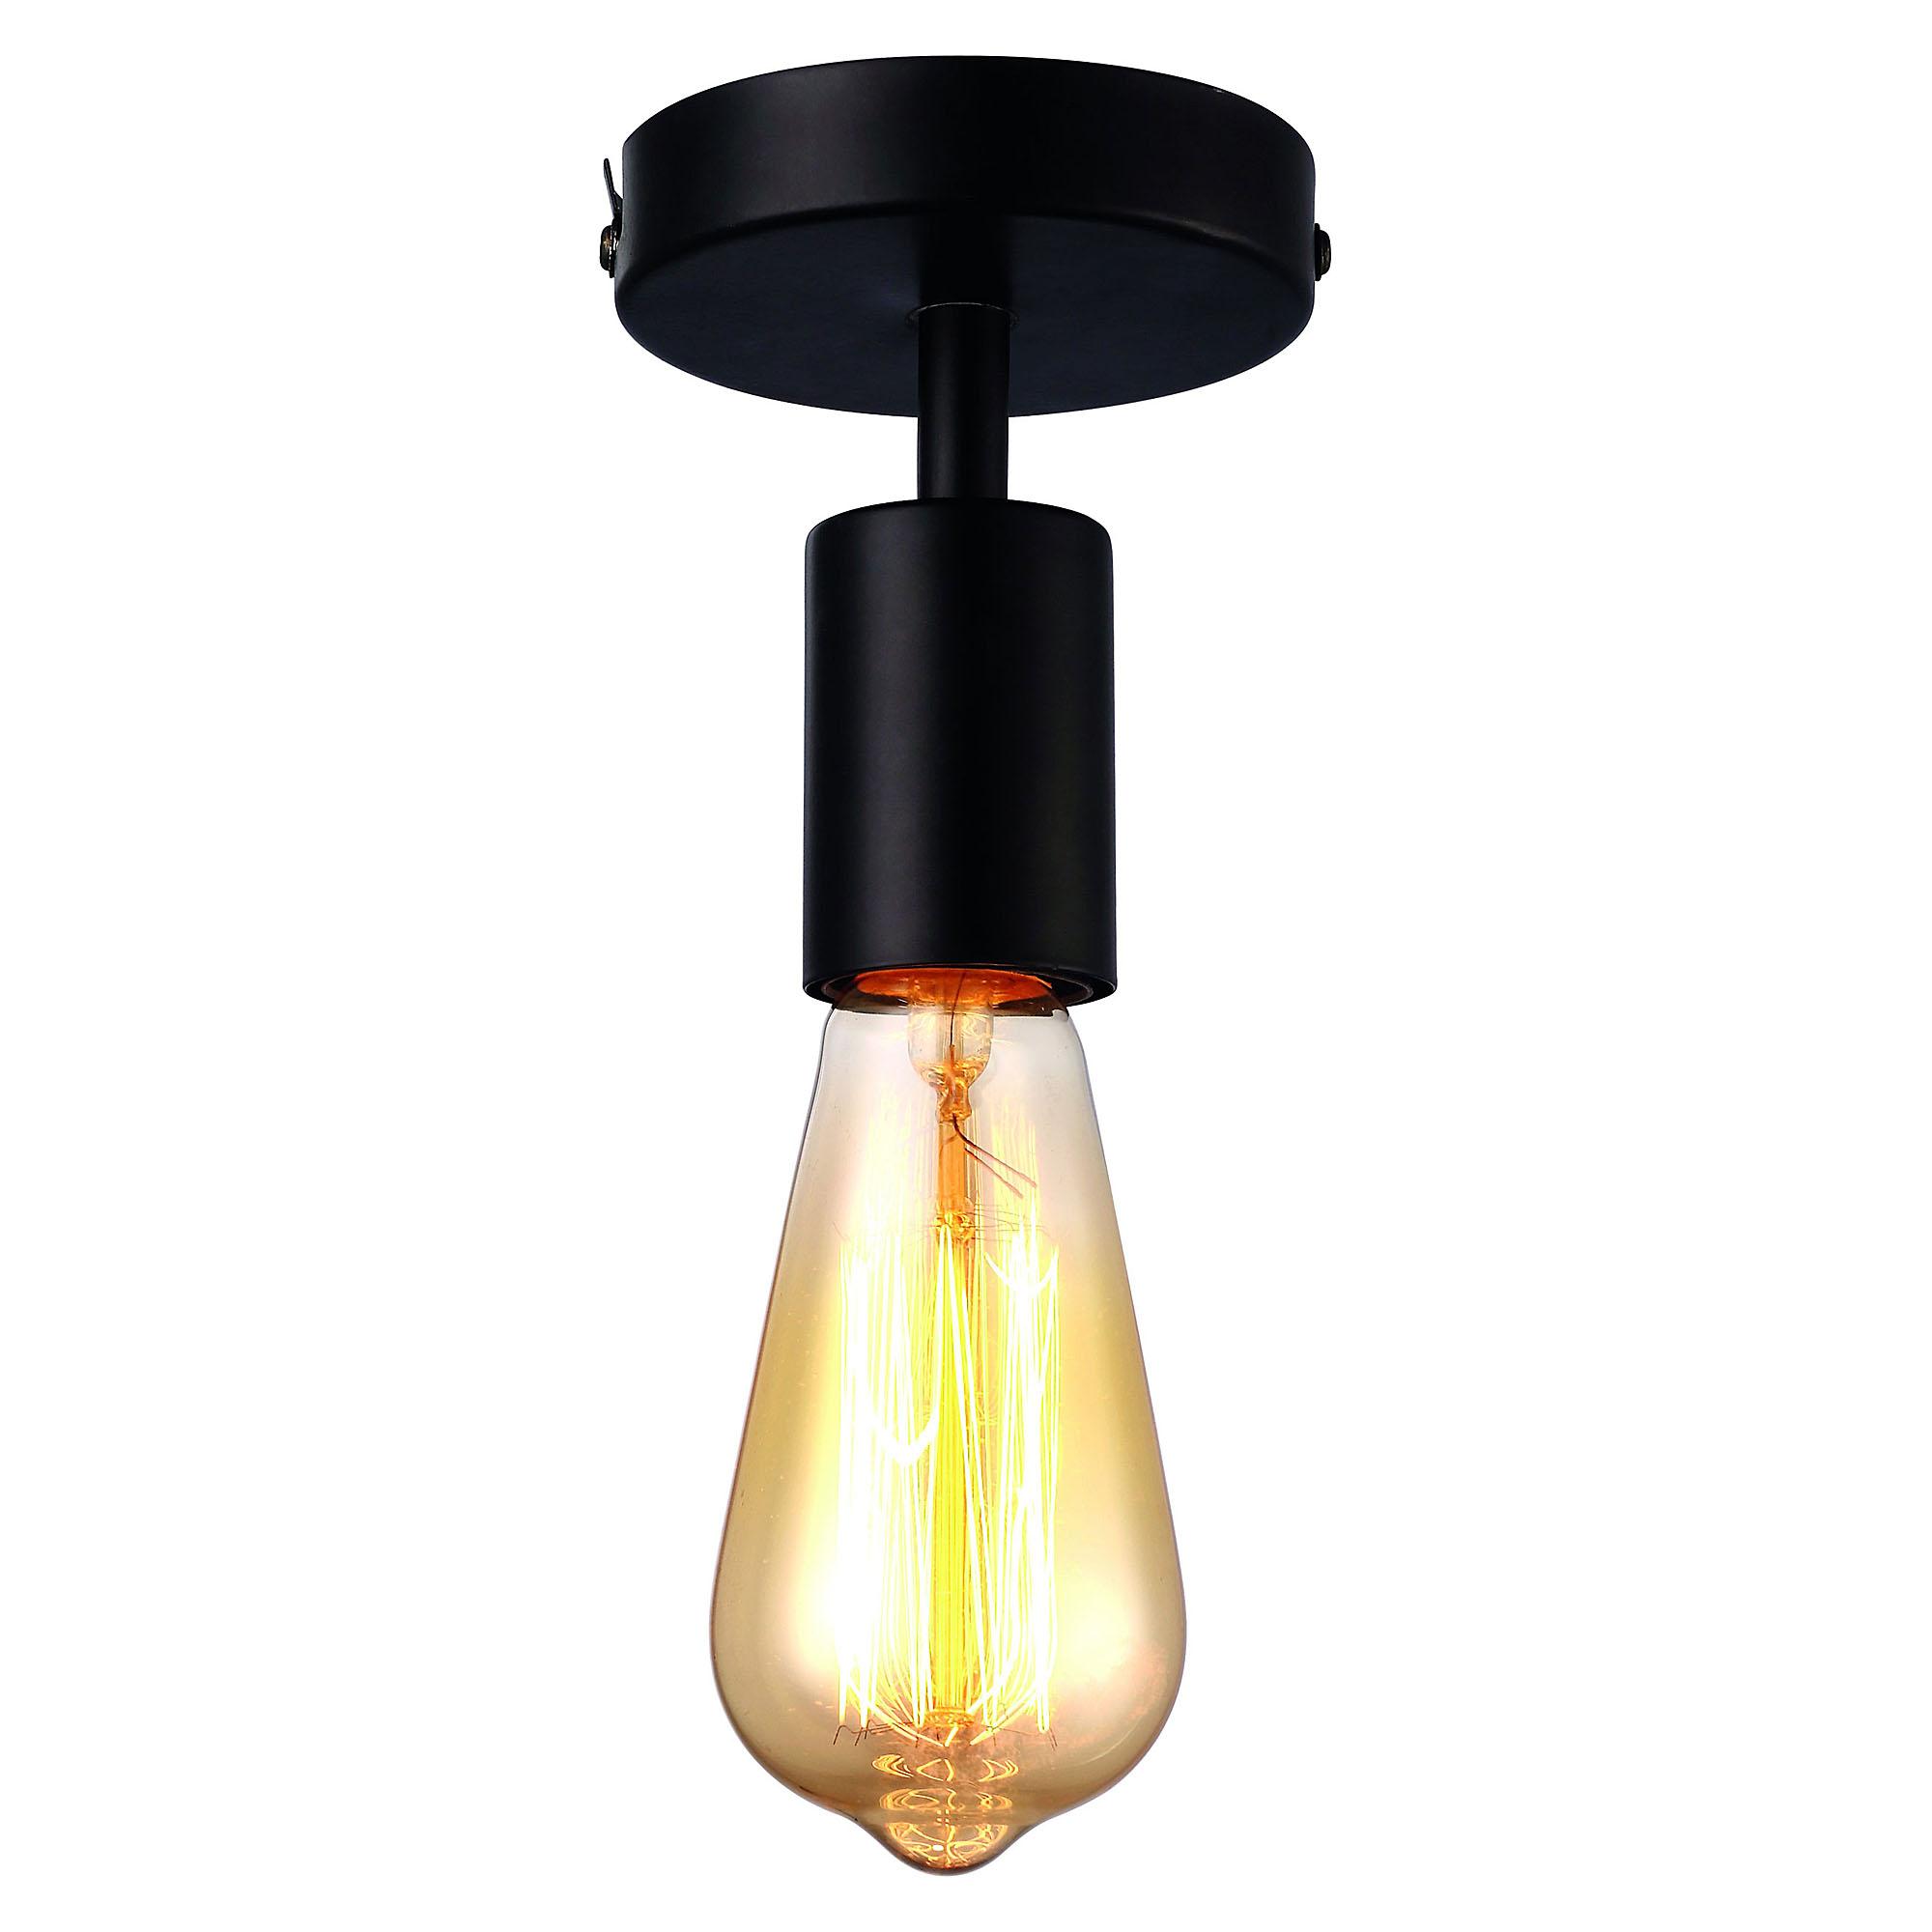 Светильник потолочный Arte Lamp A9184PL-1BK потолочный светильник arte lamp a1460pl 1bk